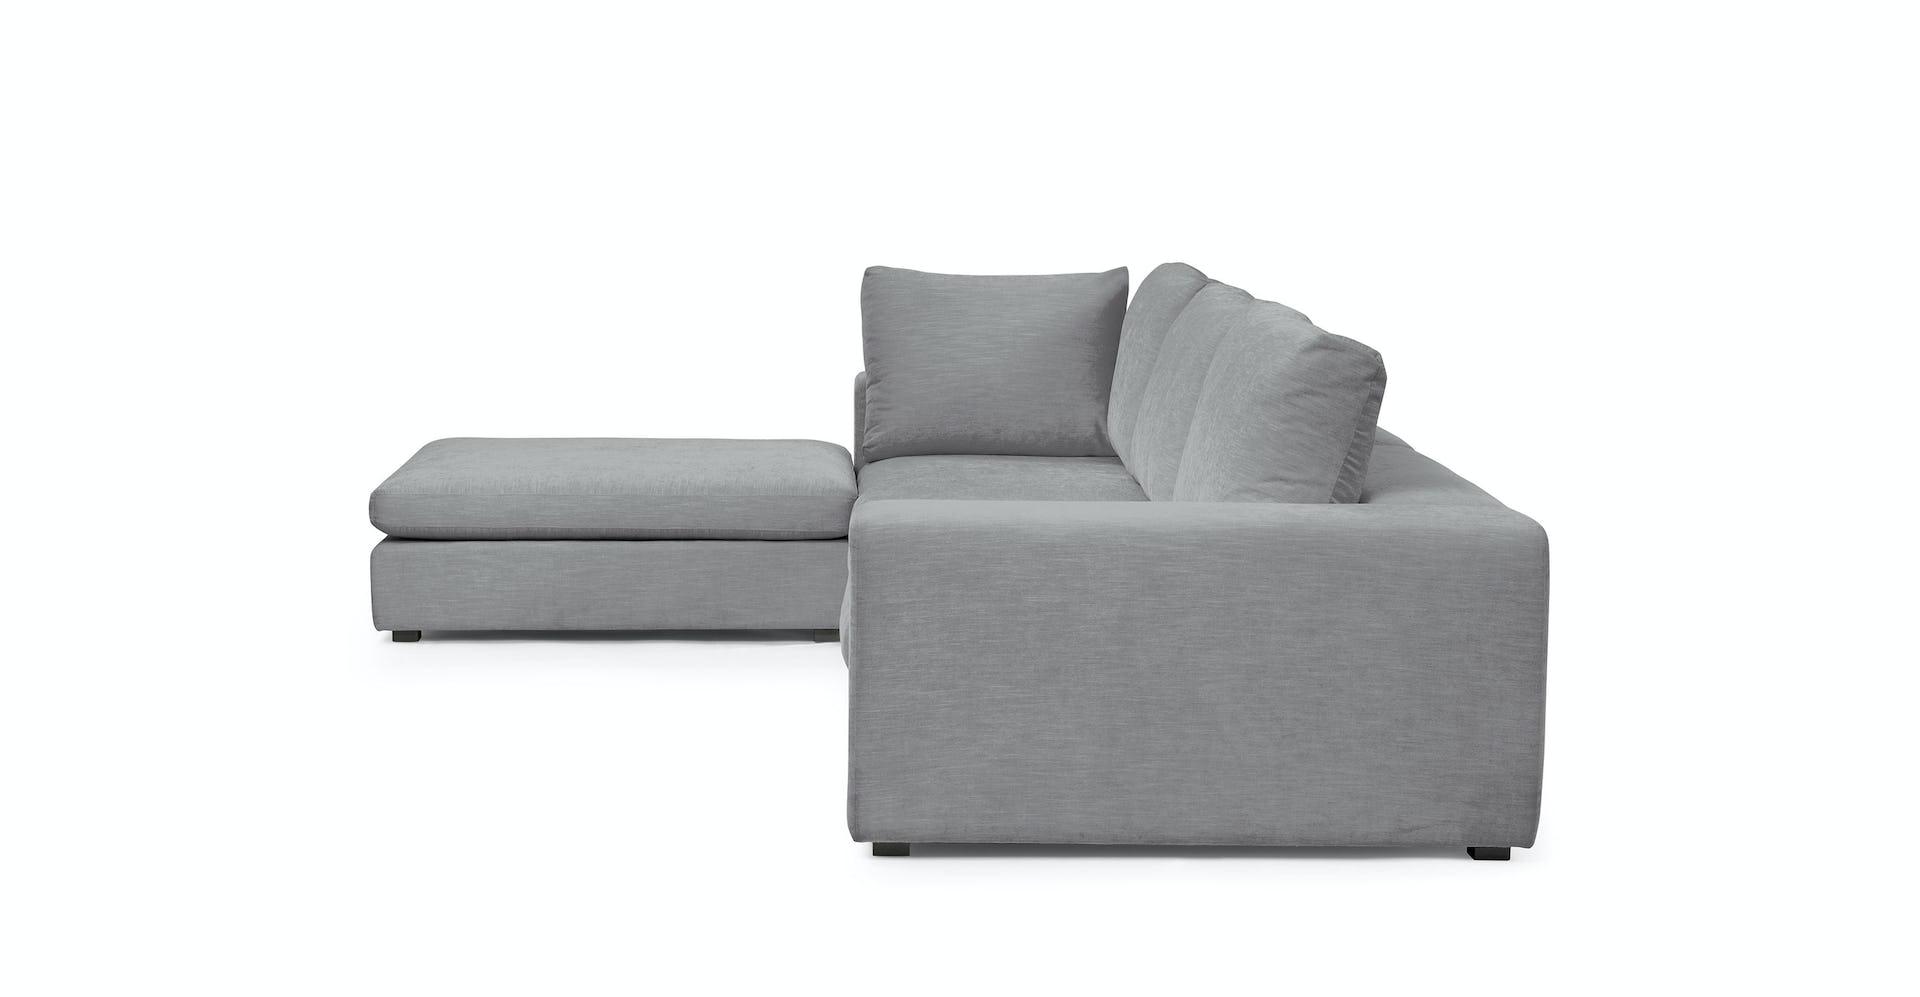 Fine Gaba Gull Gray Left Modular Sectional Ibusinesslaw Wood Chair Design Ideas Ibusinesslaworg